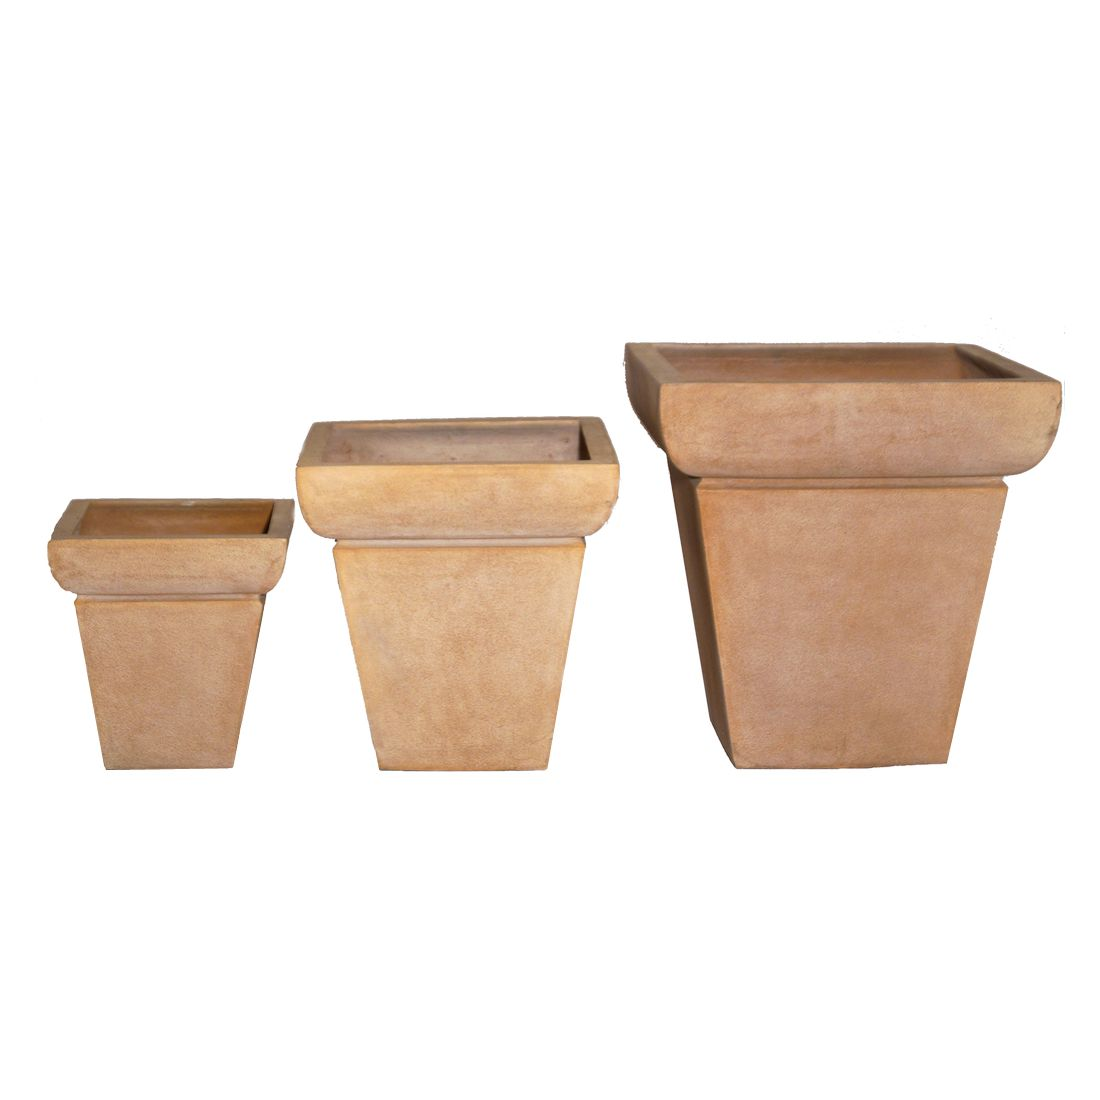 pflanzk bel isi cotto kunststoff terracota design eckig 3er set viducci 39 s garden online. Black Bedroom Furniture Sets. Home Design Ideas